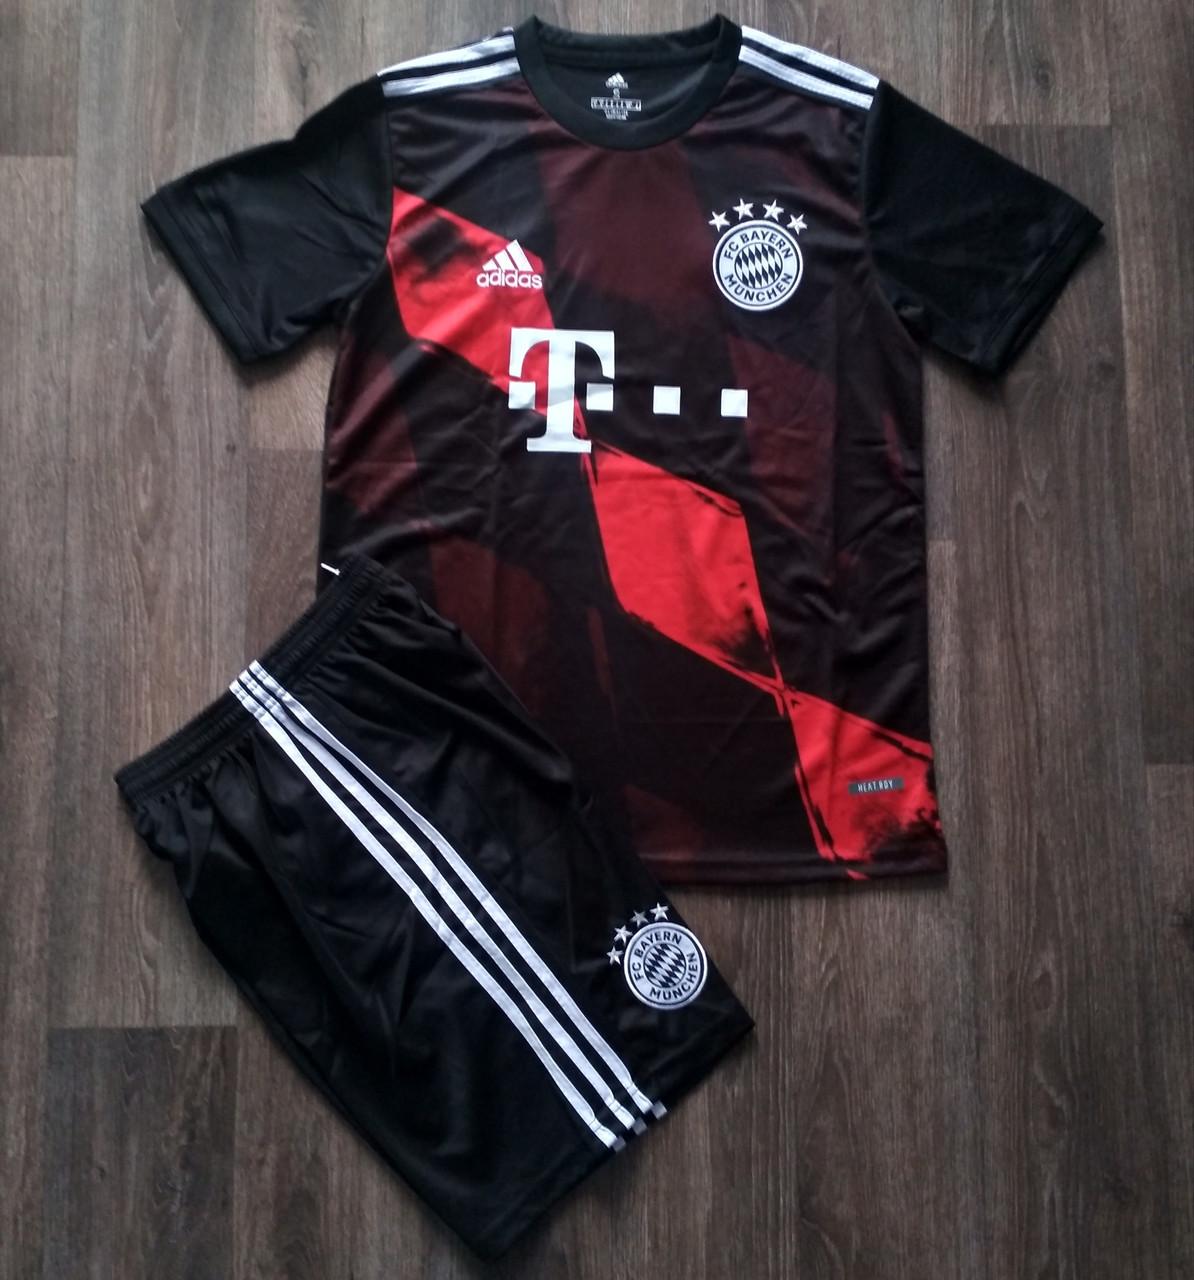 Дитяча футбольна форма Баварія/Bayern ( Німеччина, Бундесліга ), домашня, сезон 2020-2021